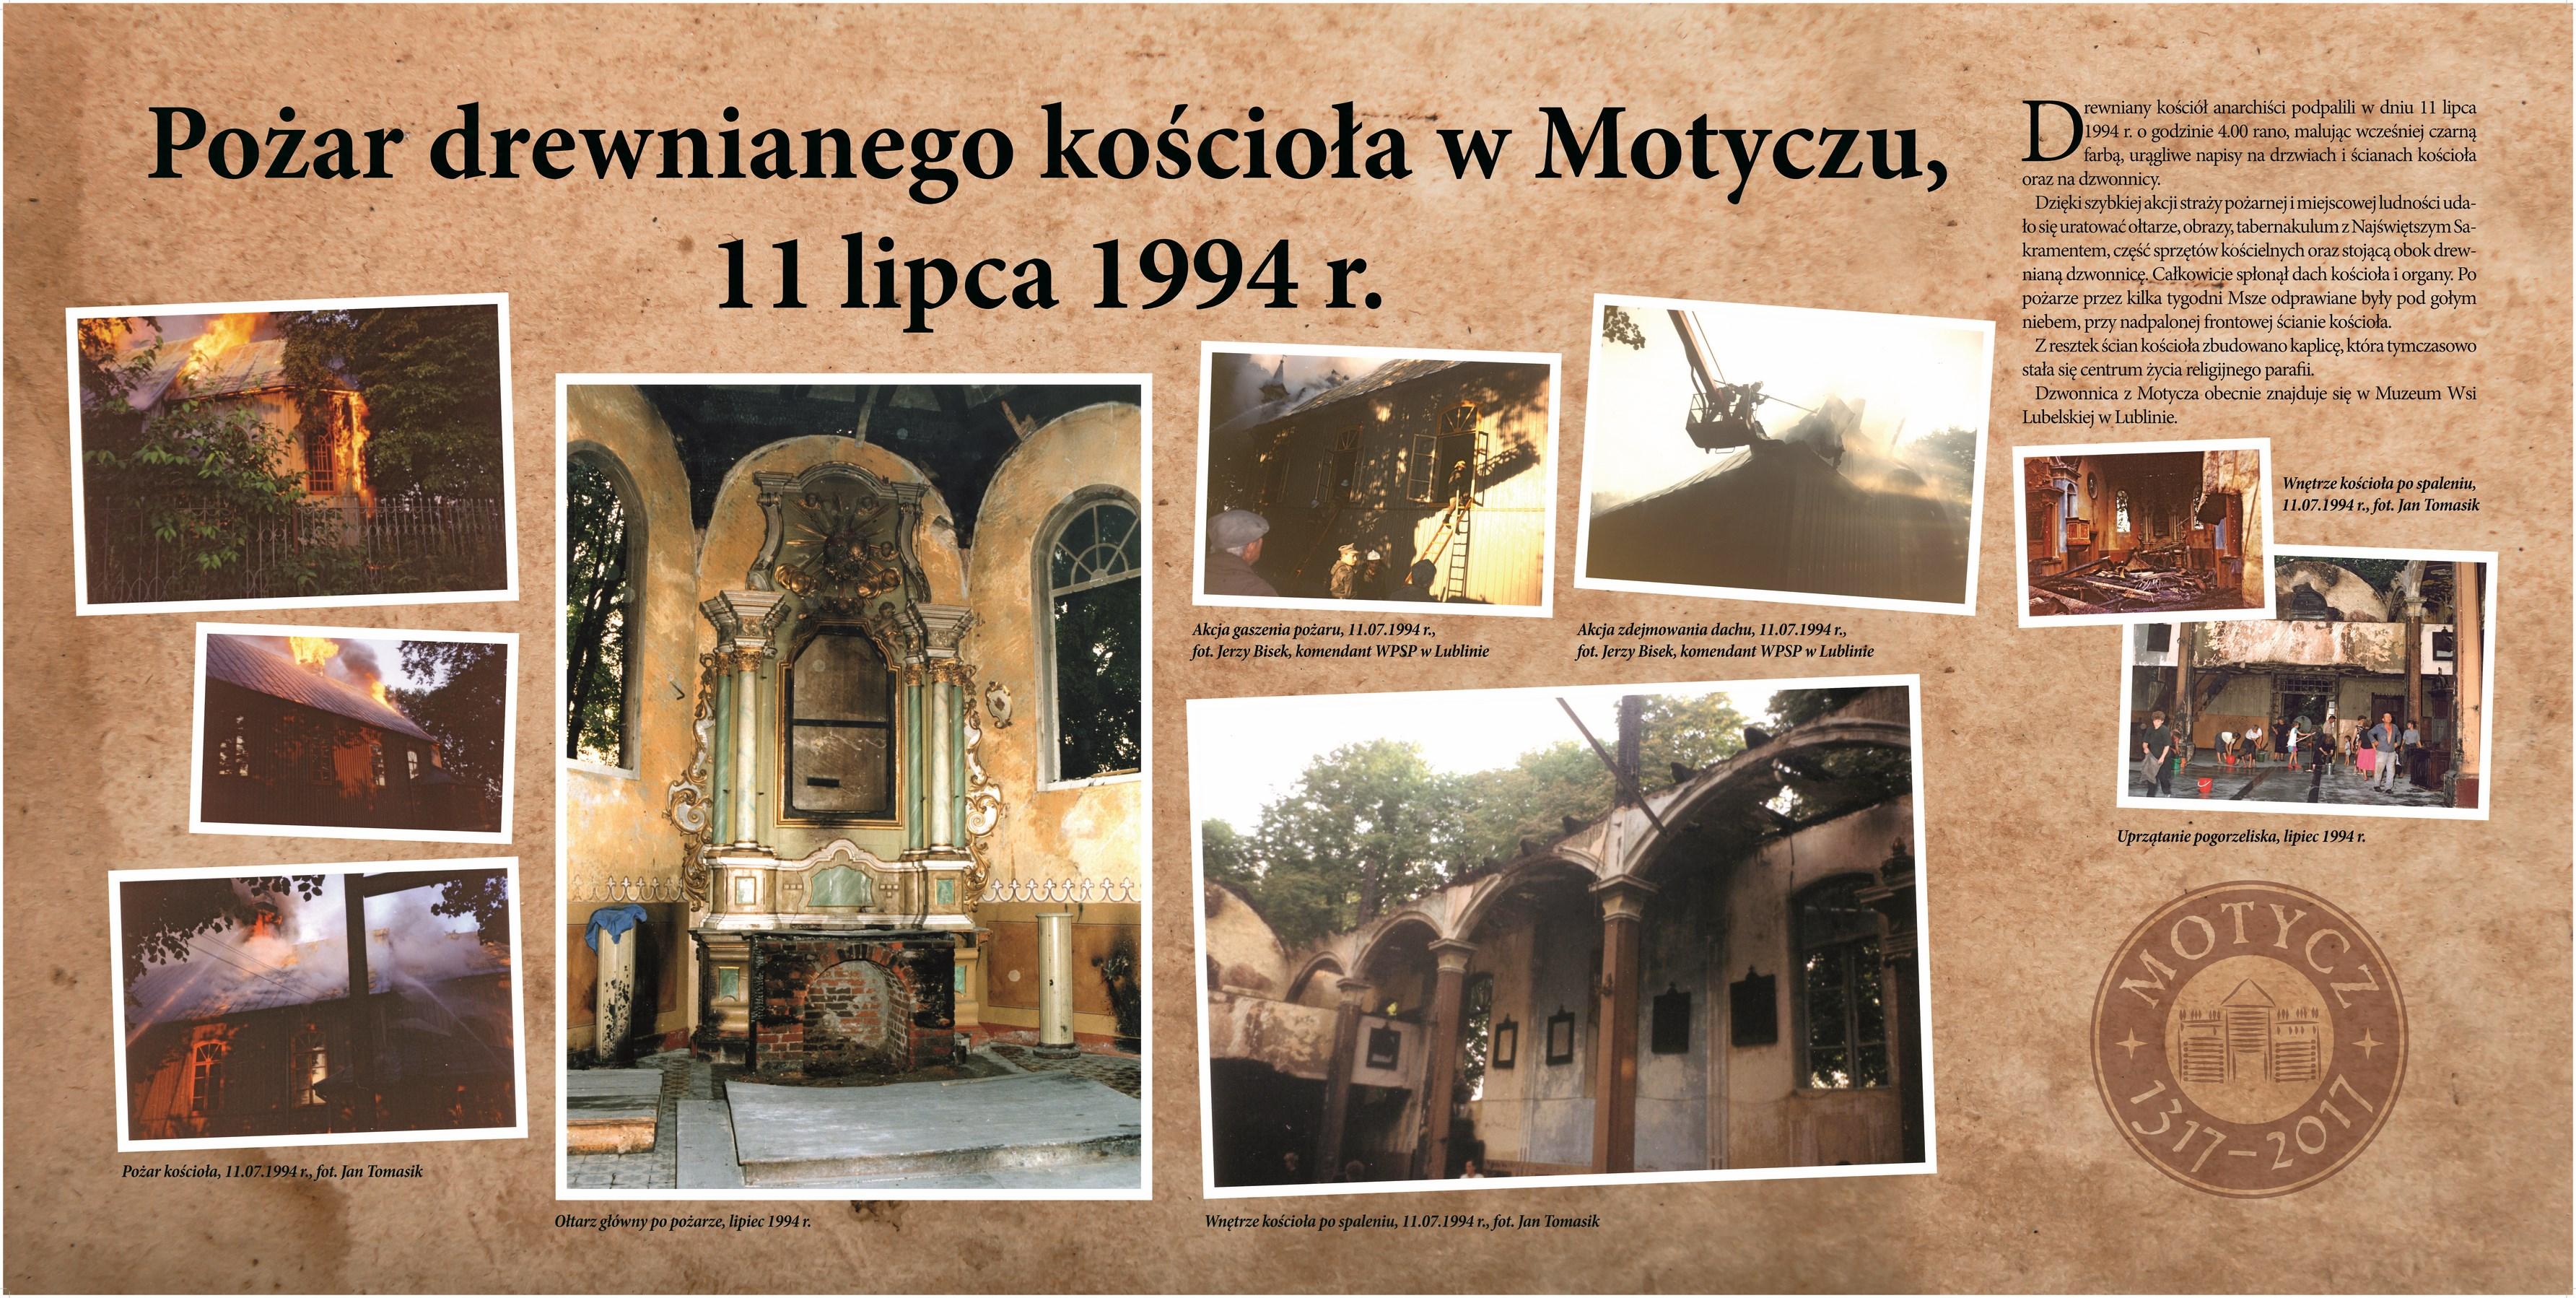 Pożar drewnianego Kościoła